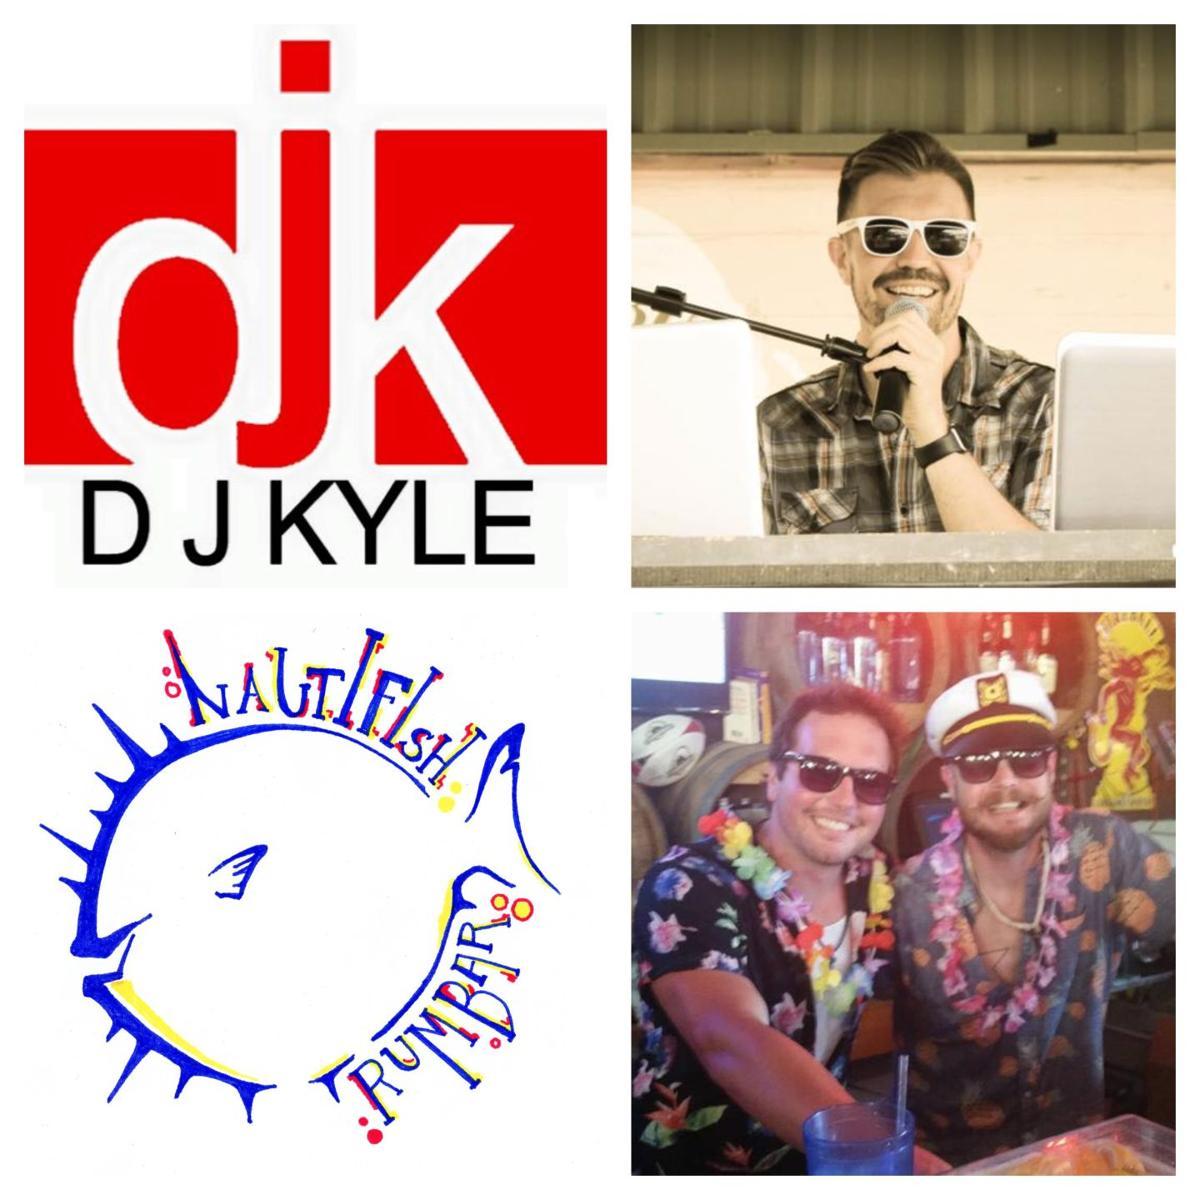 Nautifish/DJ Kyle